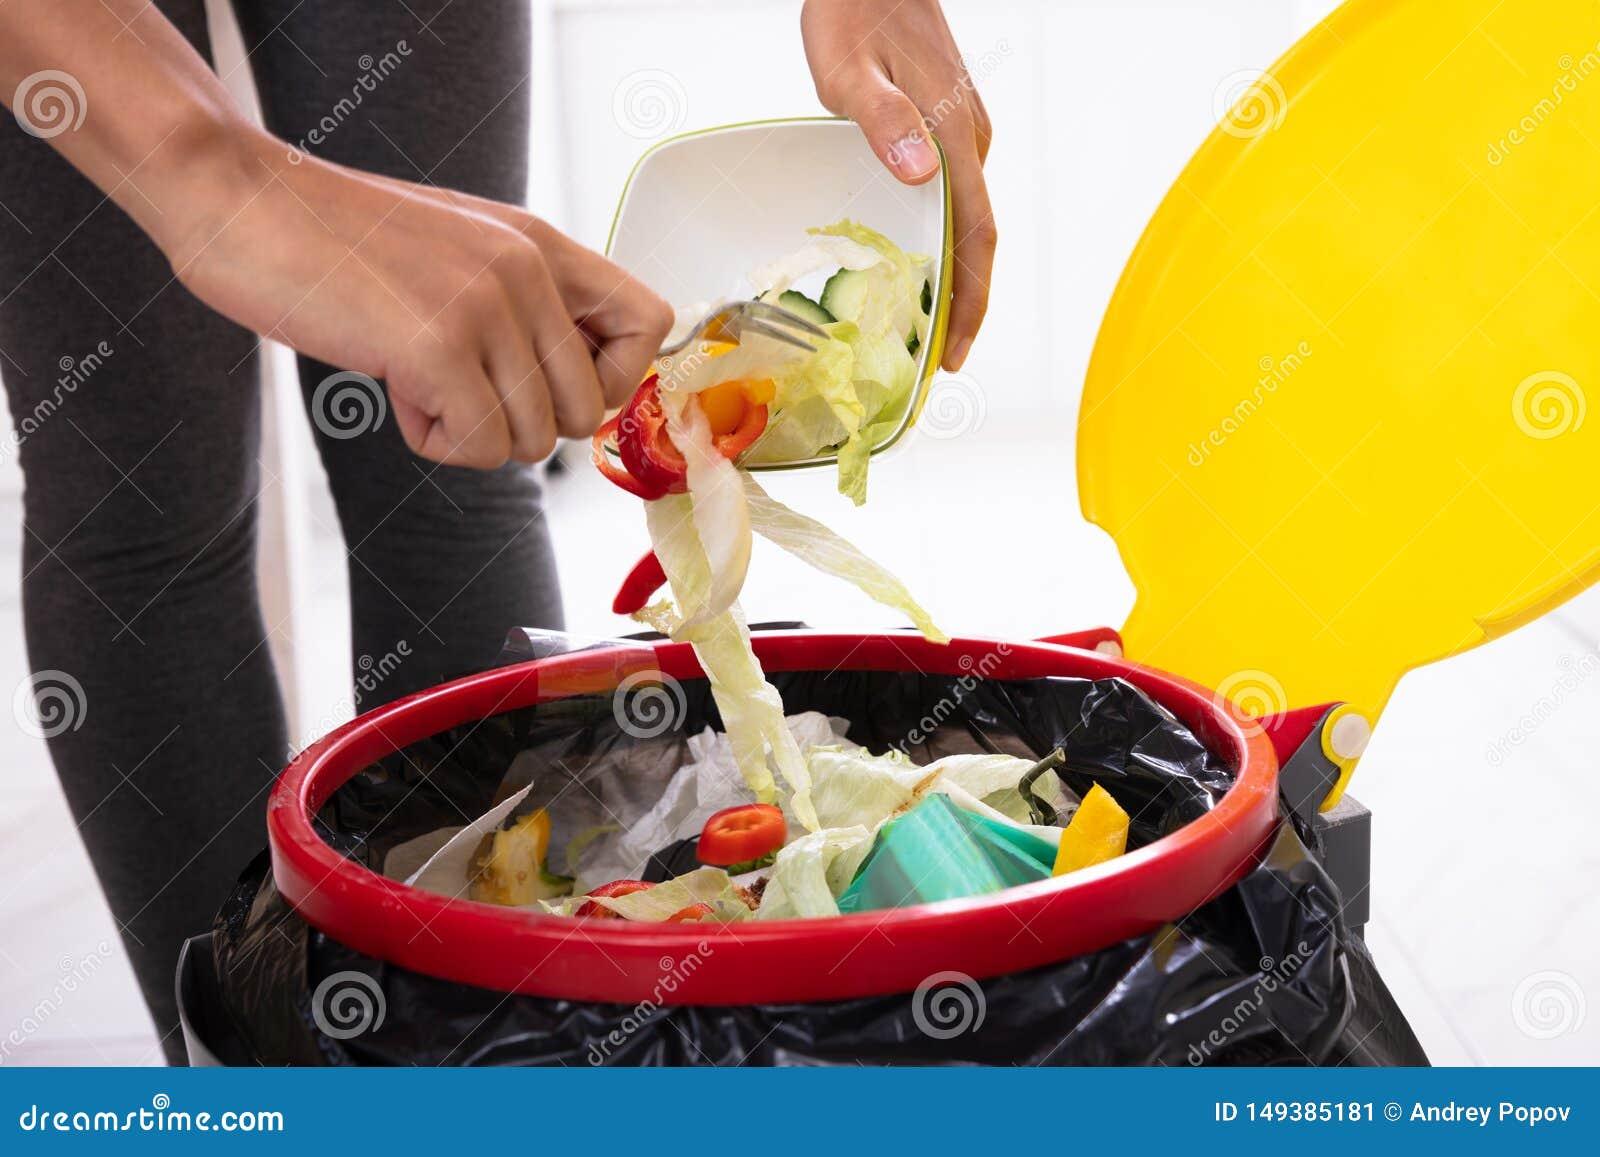 Γυναίκα που ρίχνει τη σαλάτα στο δοχείο απορριμμάτων